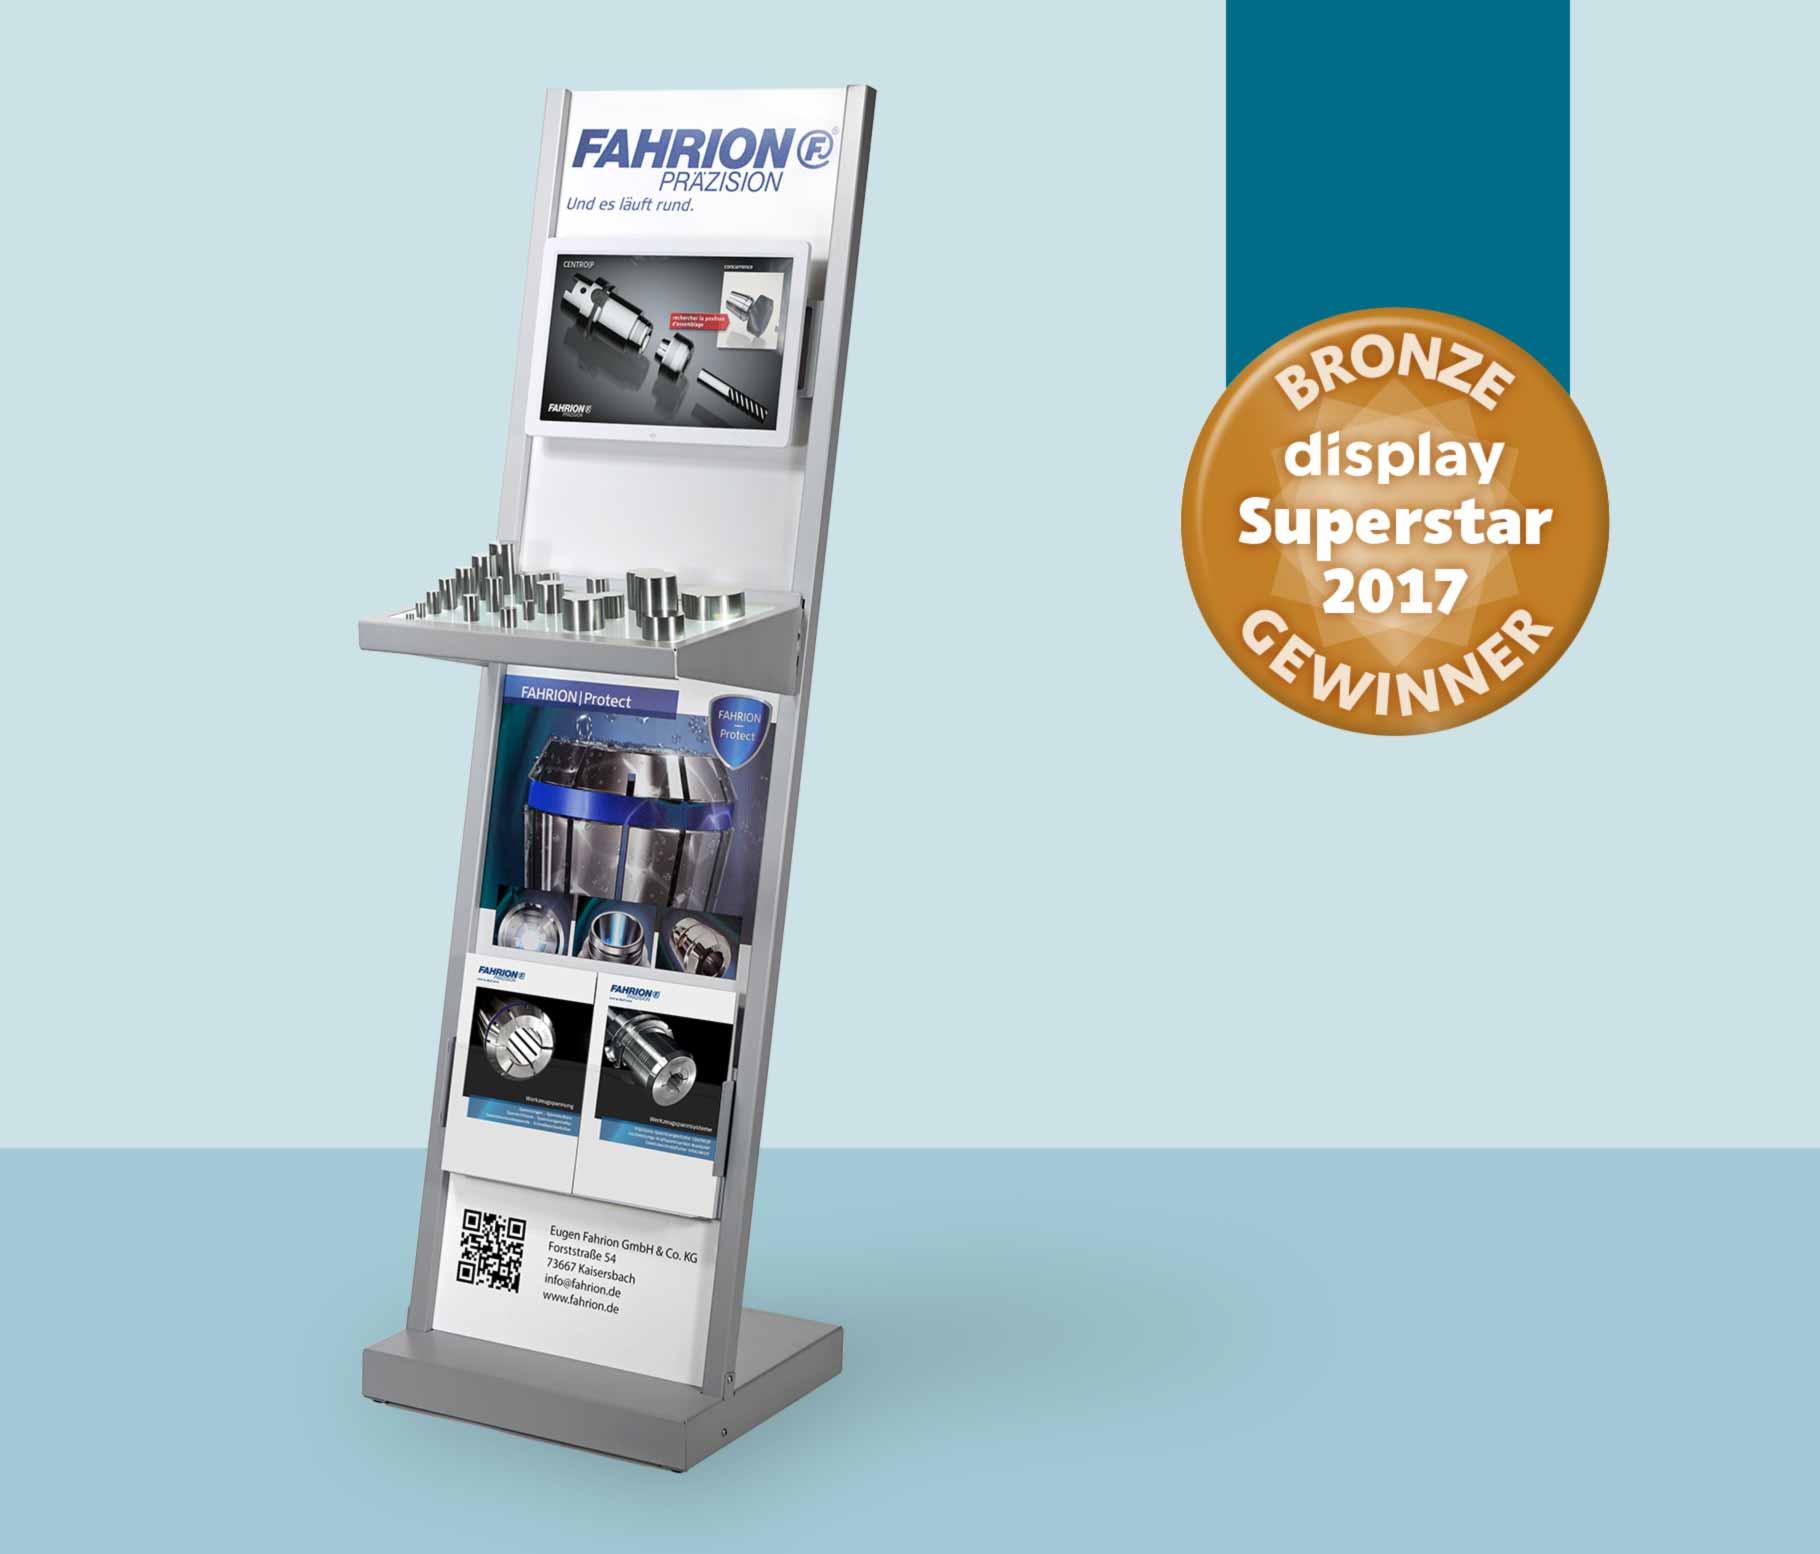 2017: Digital Signage Display für Fahrion in Zusammenarbeit mit der Tekto GmbH erhält den Superstar in Bronze..